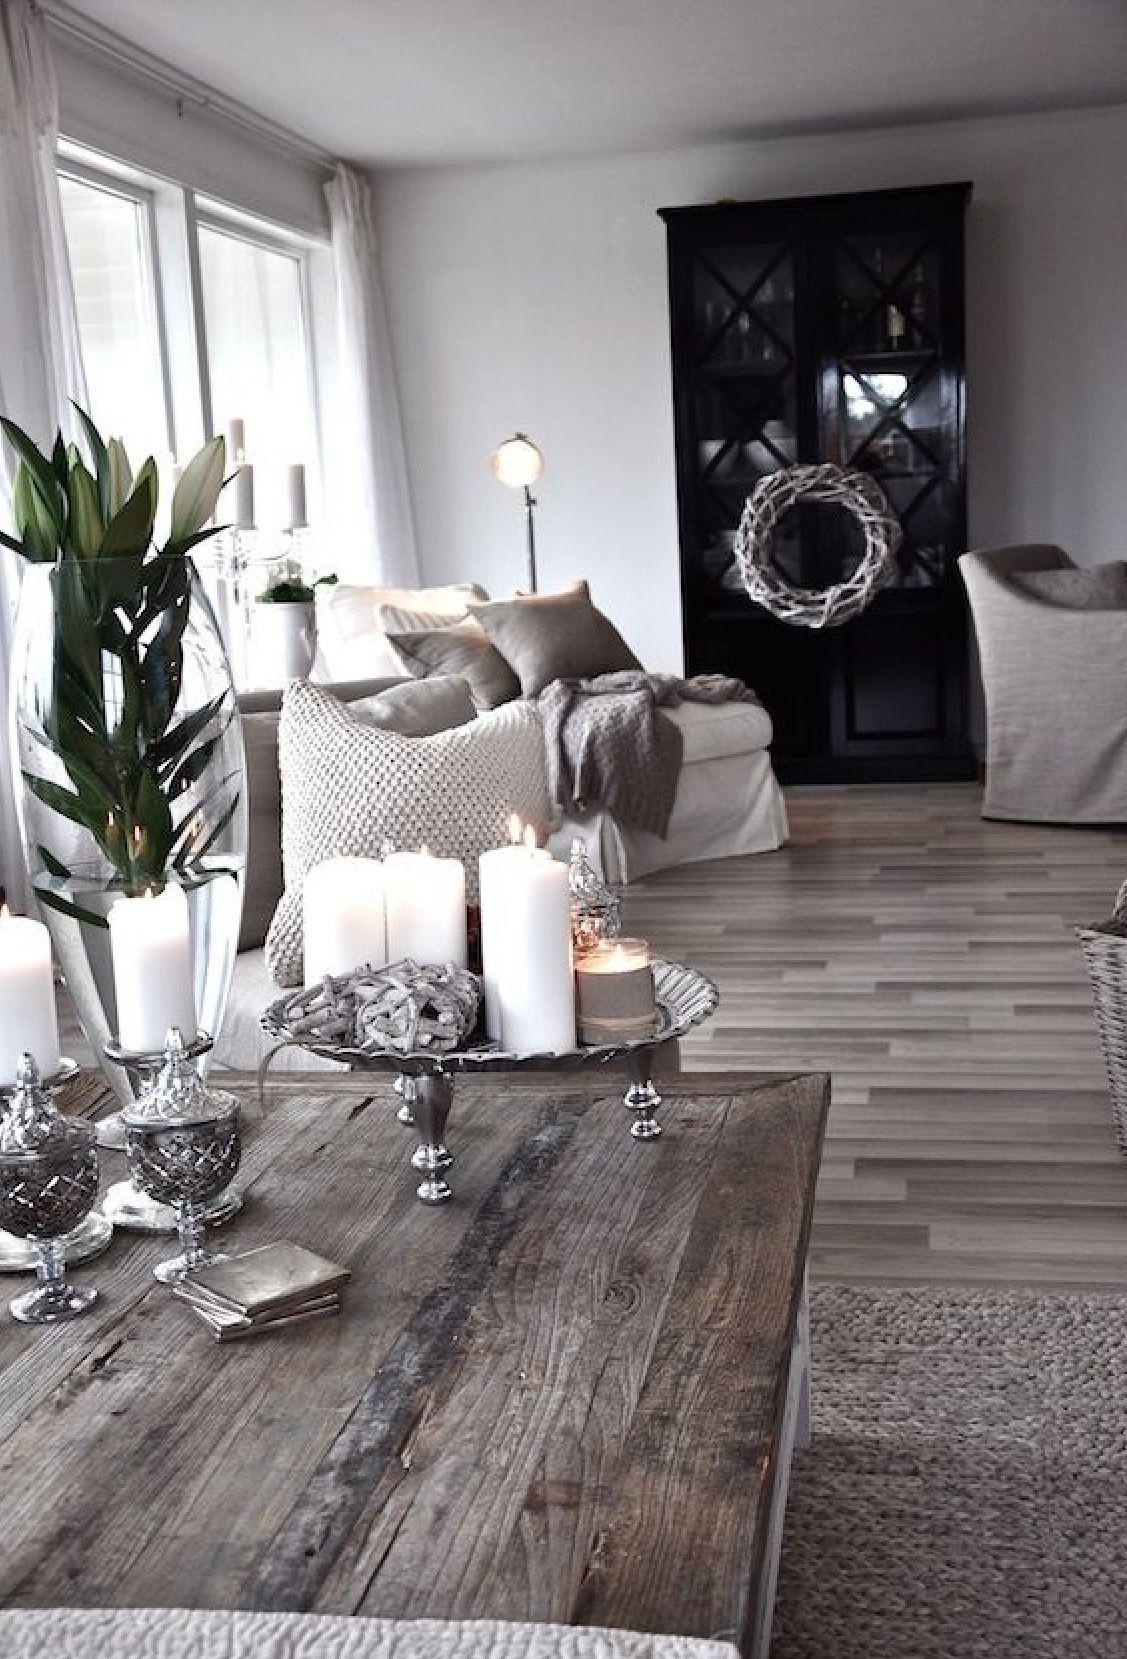 Das Wohnzimmer Rustikal Einrichten   Ist Der Landhausstil Angesagt?  ähnliche Projekte Und Ideen Wie Im Bild Vorgestellt Findest Du Auch In  Unserem Magazin Awesome Ideas